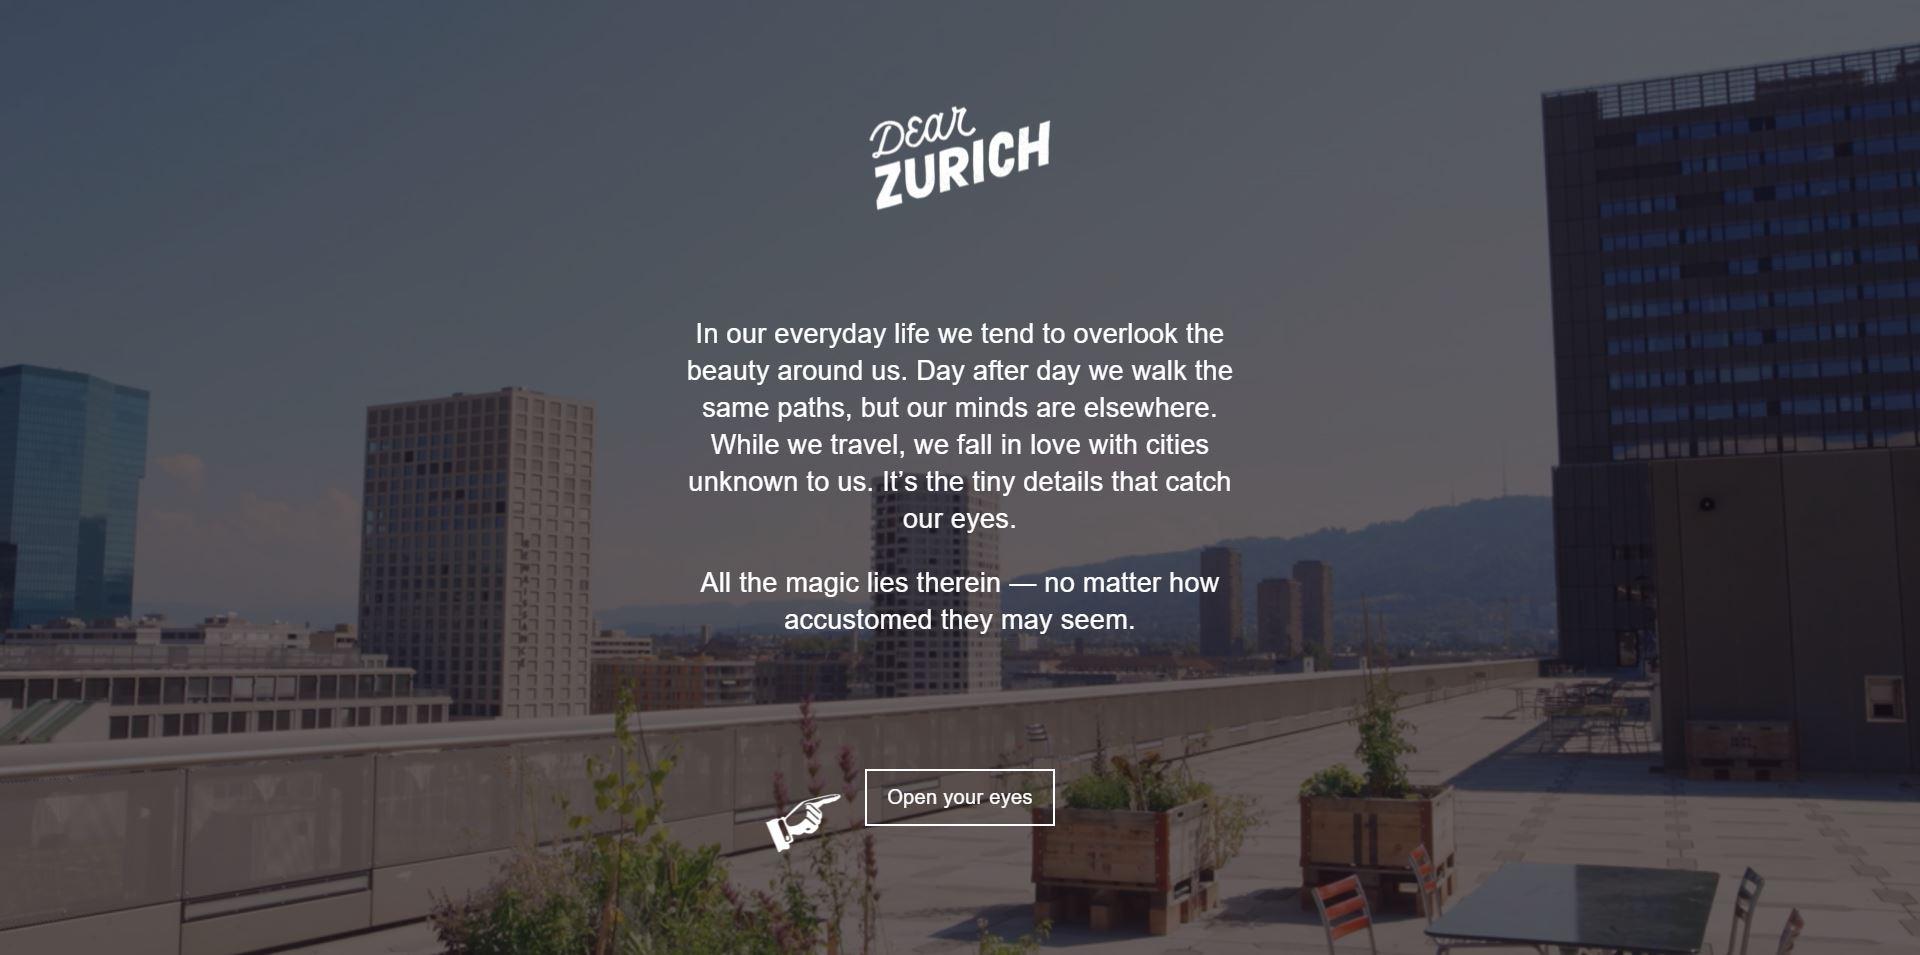 Dear Zurich Startseite / Bild : Screenshot